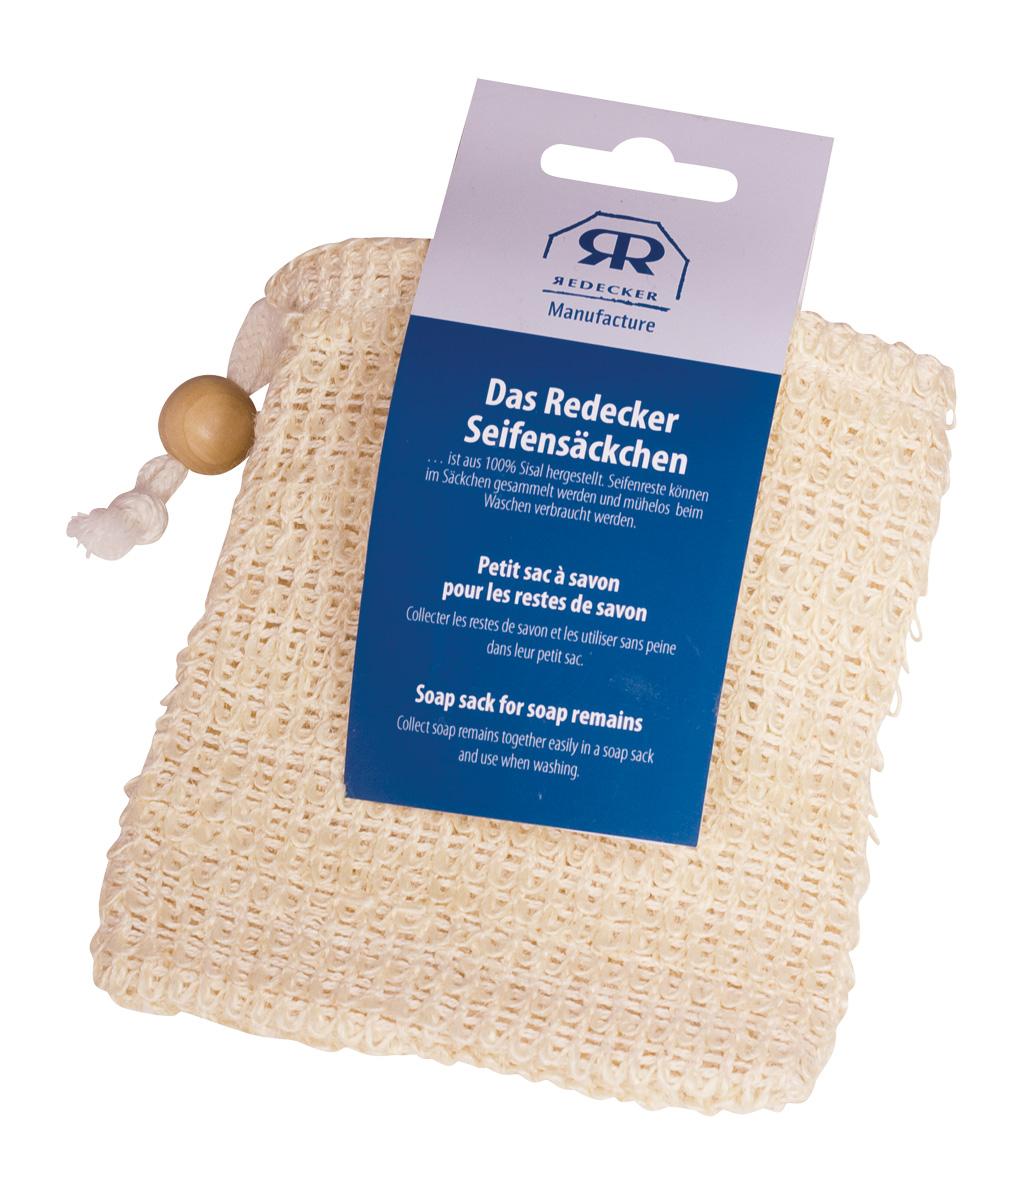 Bolsa e Luva para Sabonete - Redecker